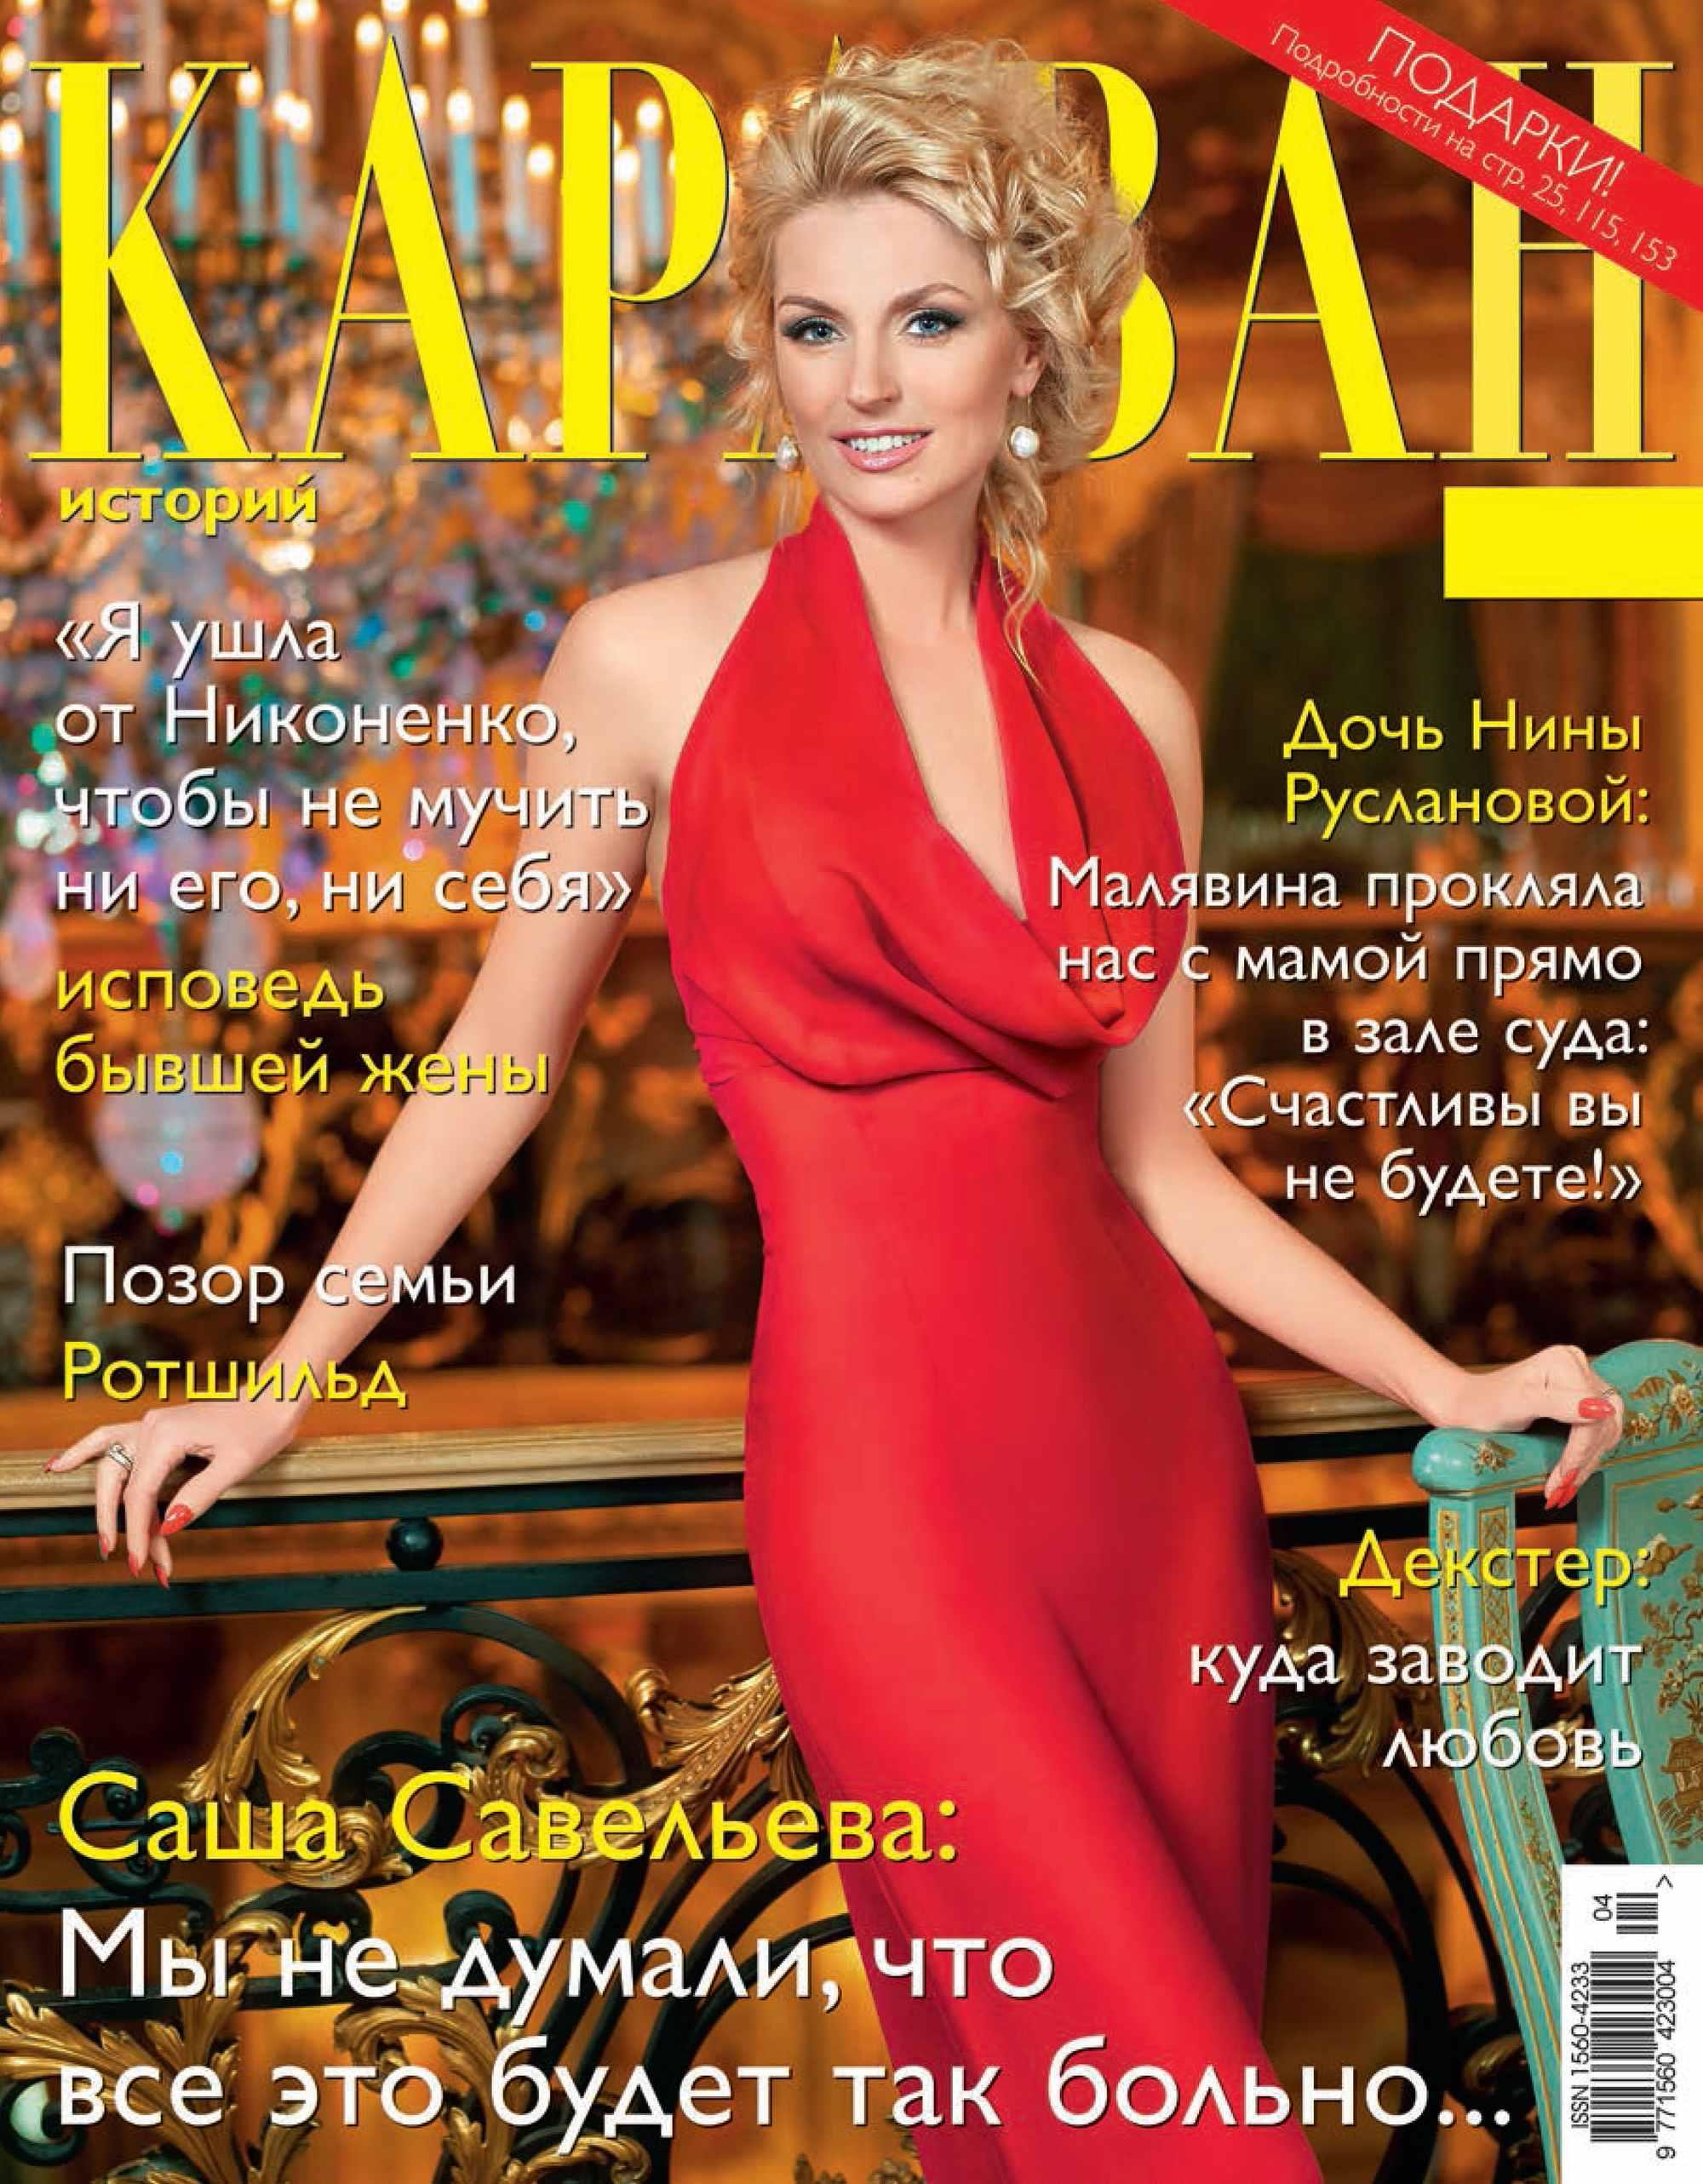 купить Отсутствует Караван историй №04 / апрель 2015 по цене 33.99 рублей